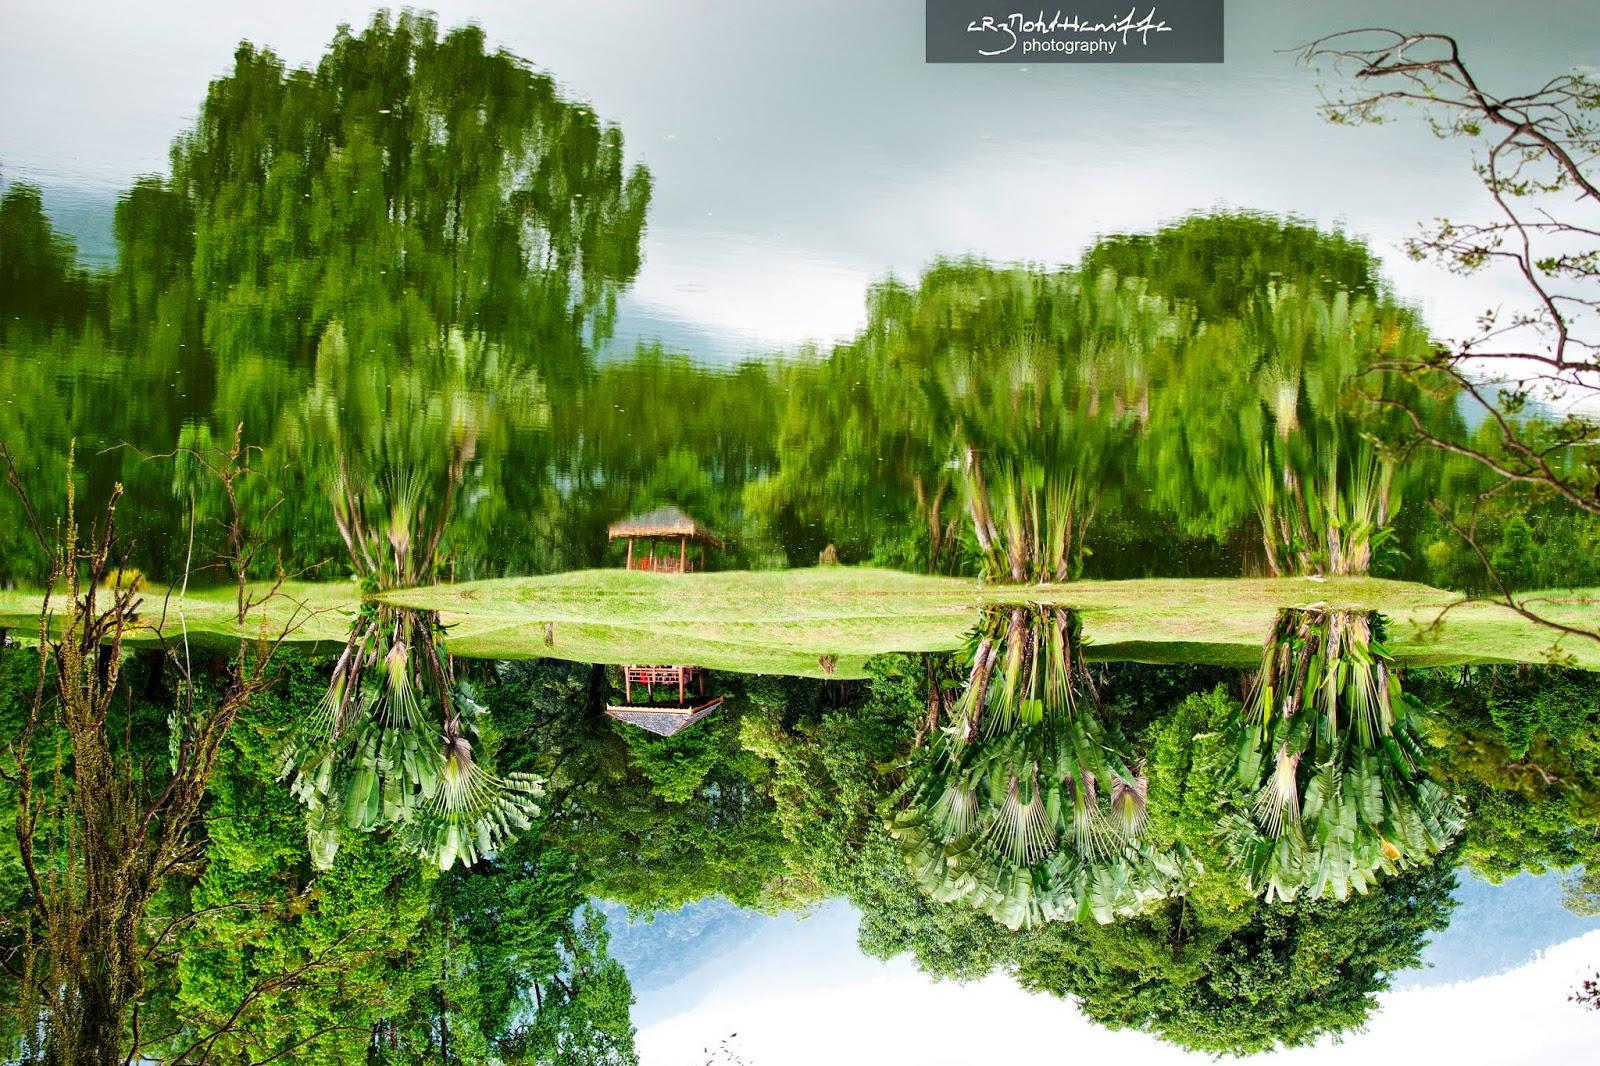 Lake Garden, Taman Tasik, Taiping, Perak, Malaysia, arzmoha.com, gambar cantik